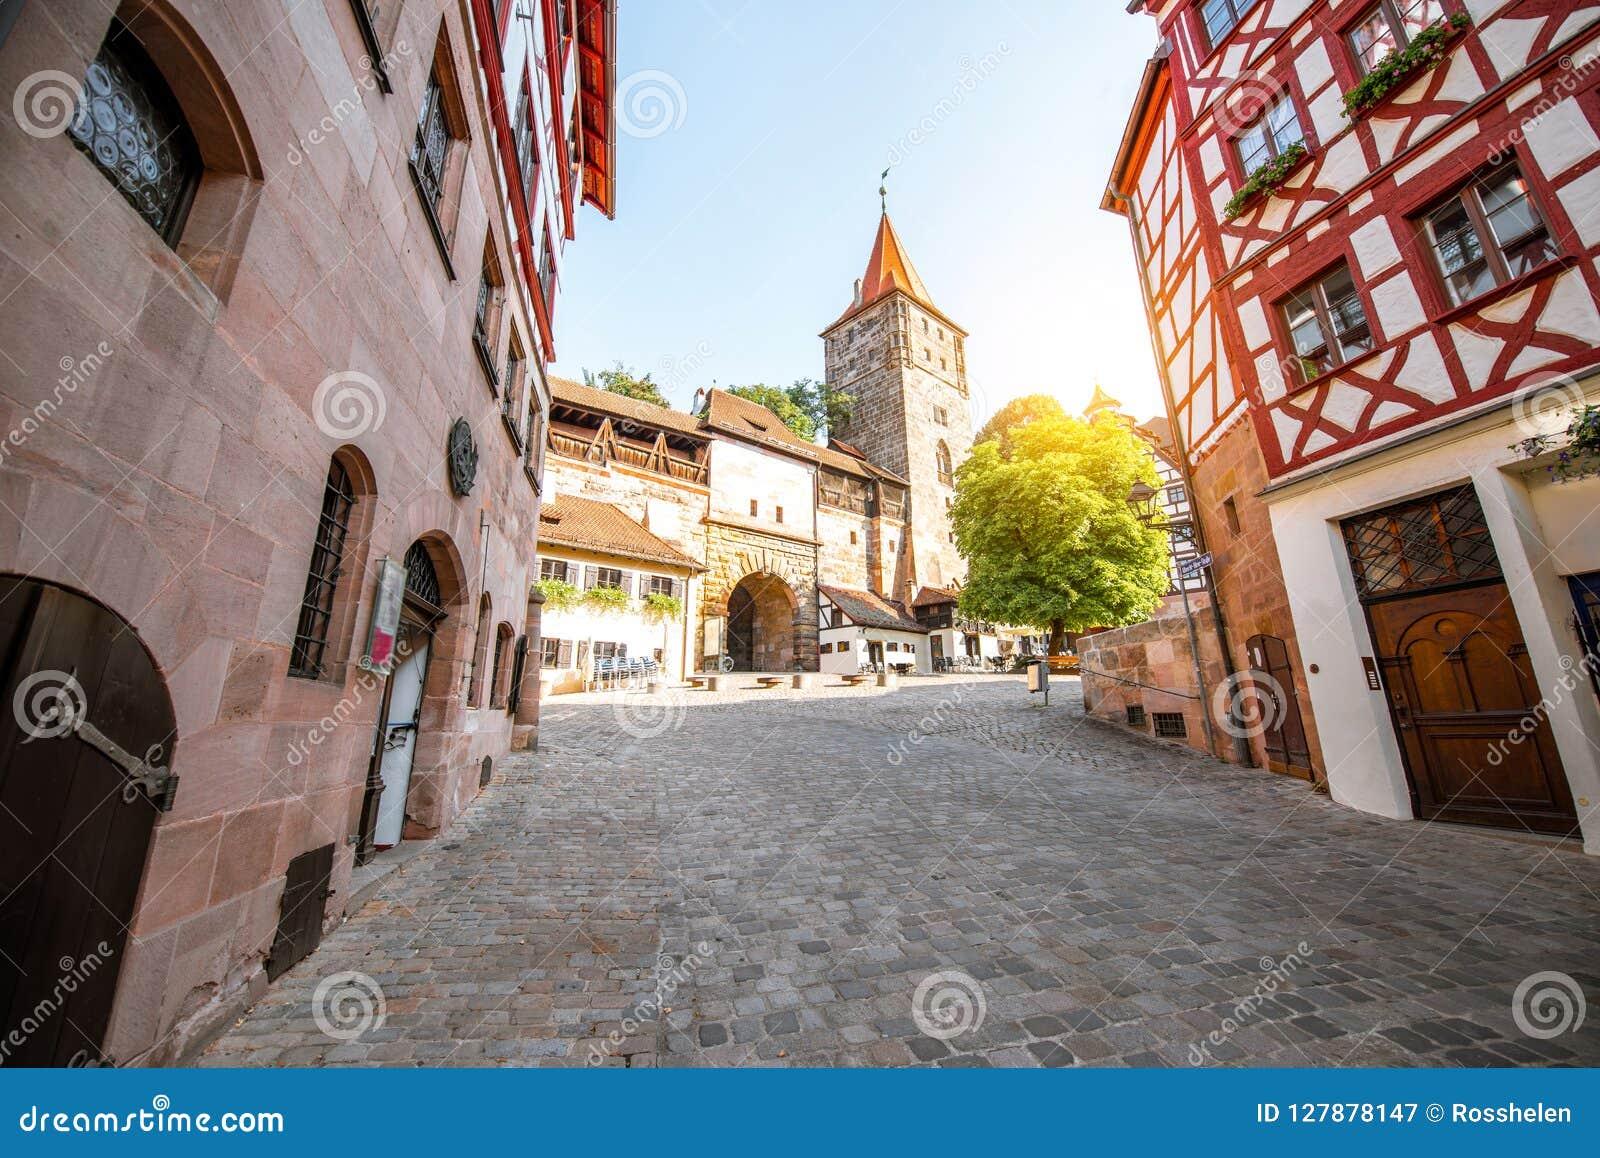 Vecchia città della città di Nurnberg, Germania